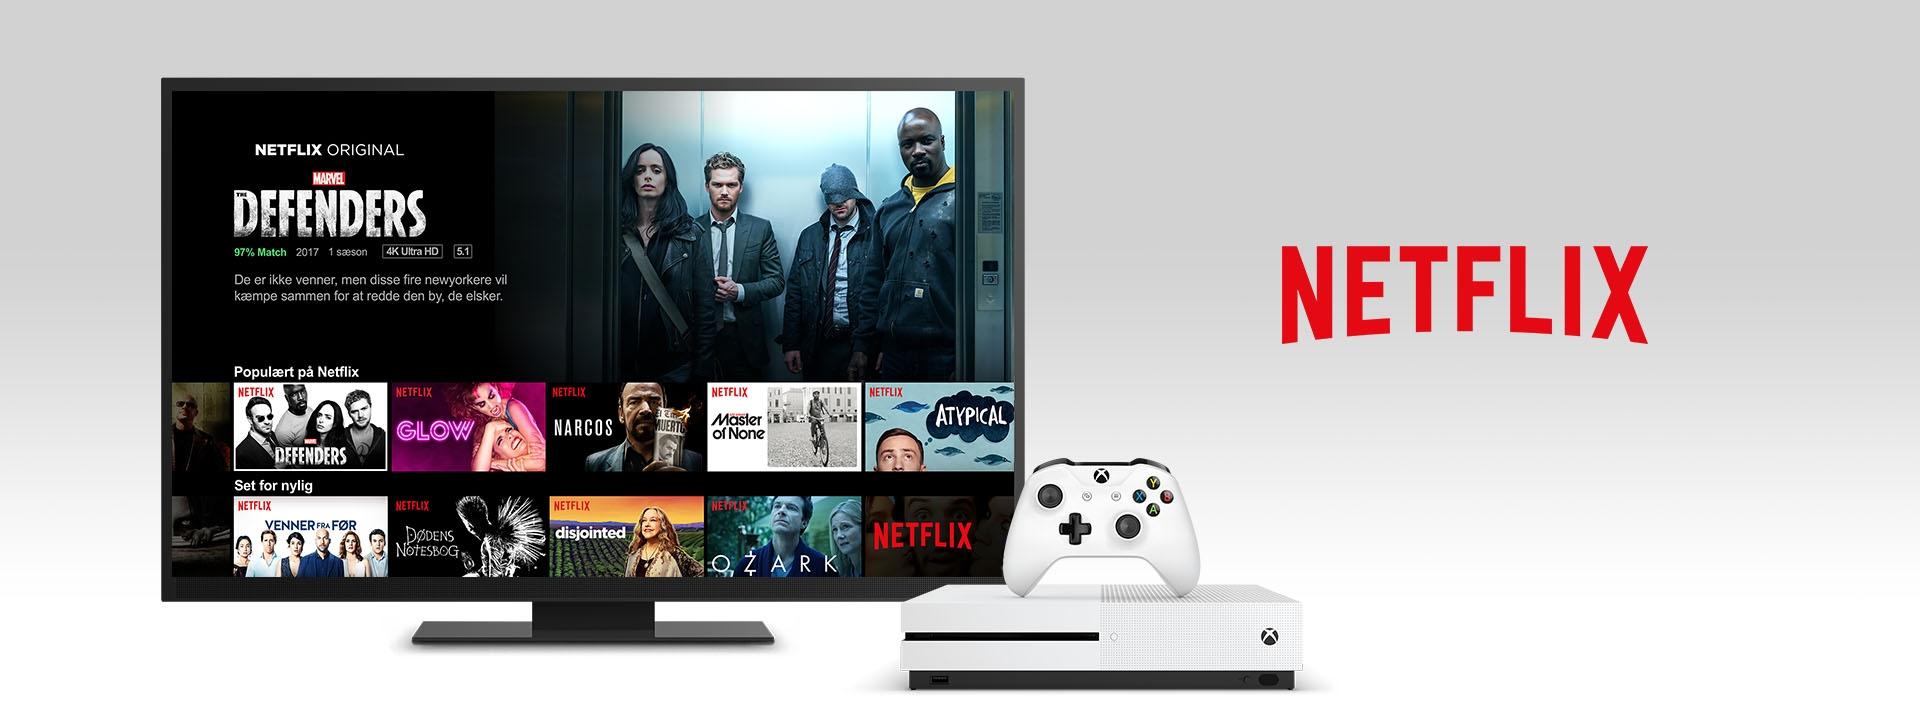 Netflix på en Xbox One